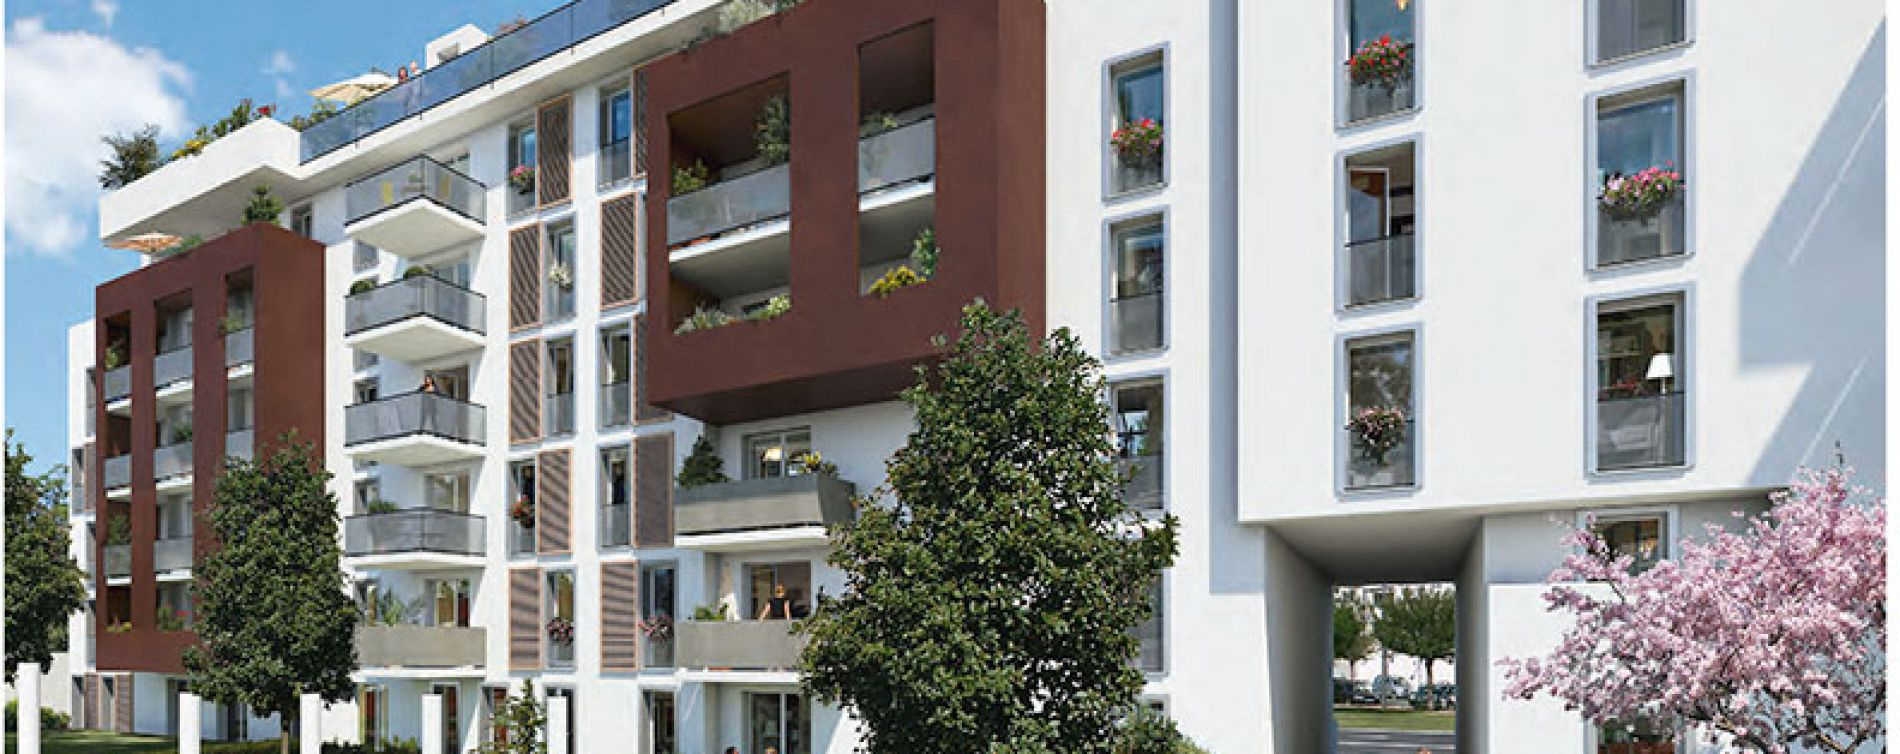 Résidence Le Narval à Rouen